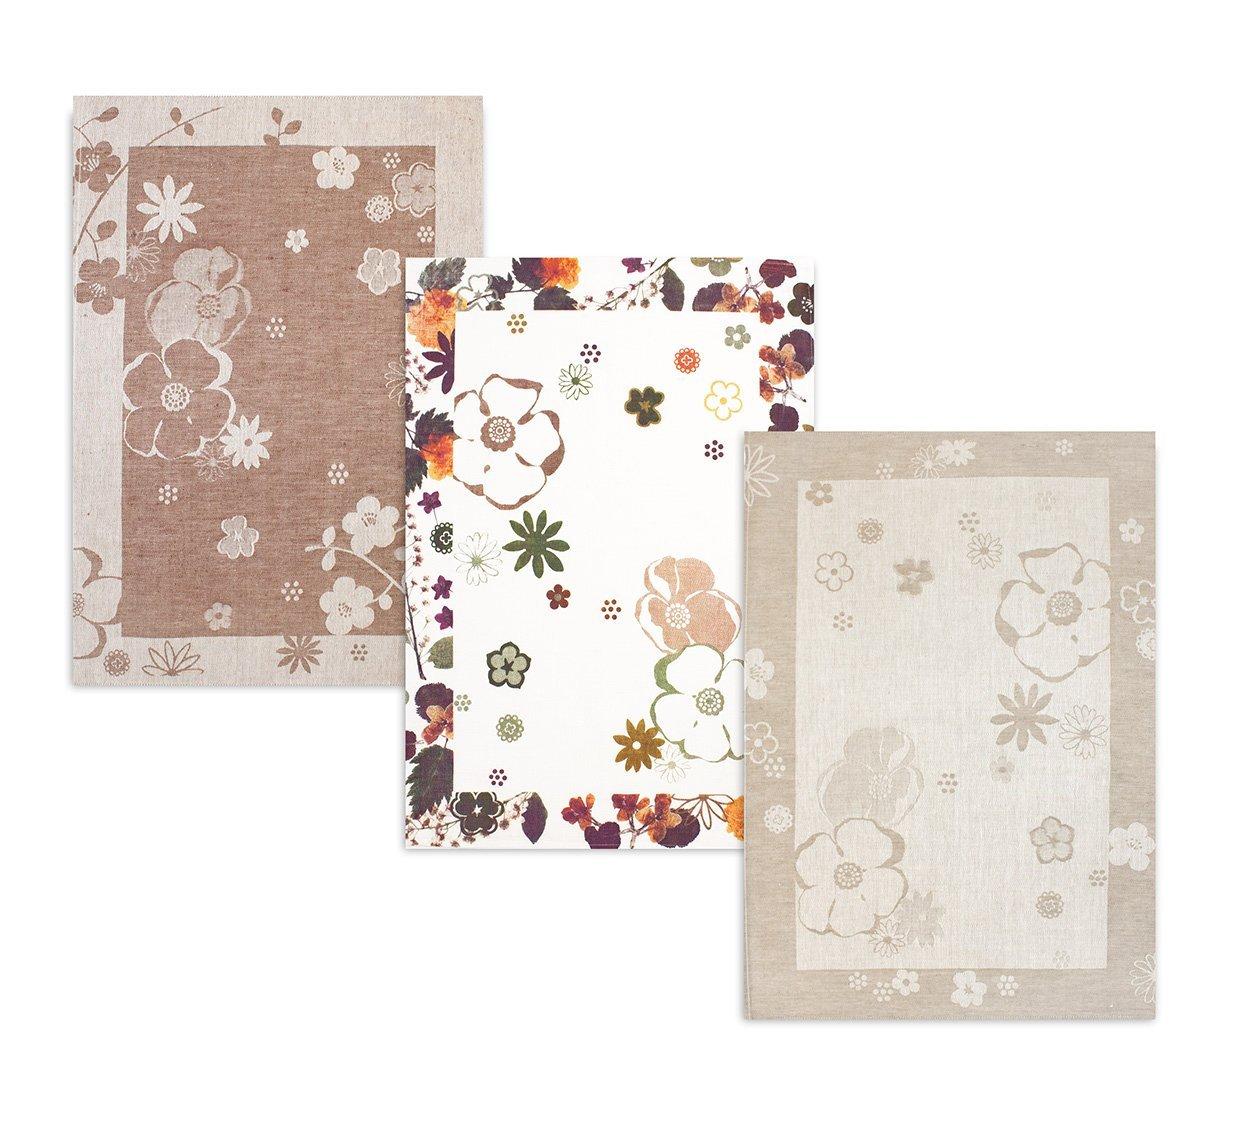 Комплект полотенец 3шт (50x70) 15c60 Цветы